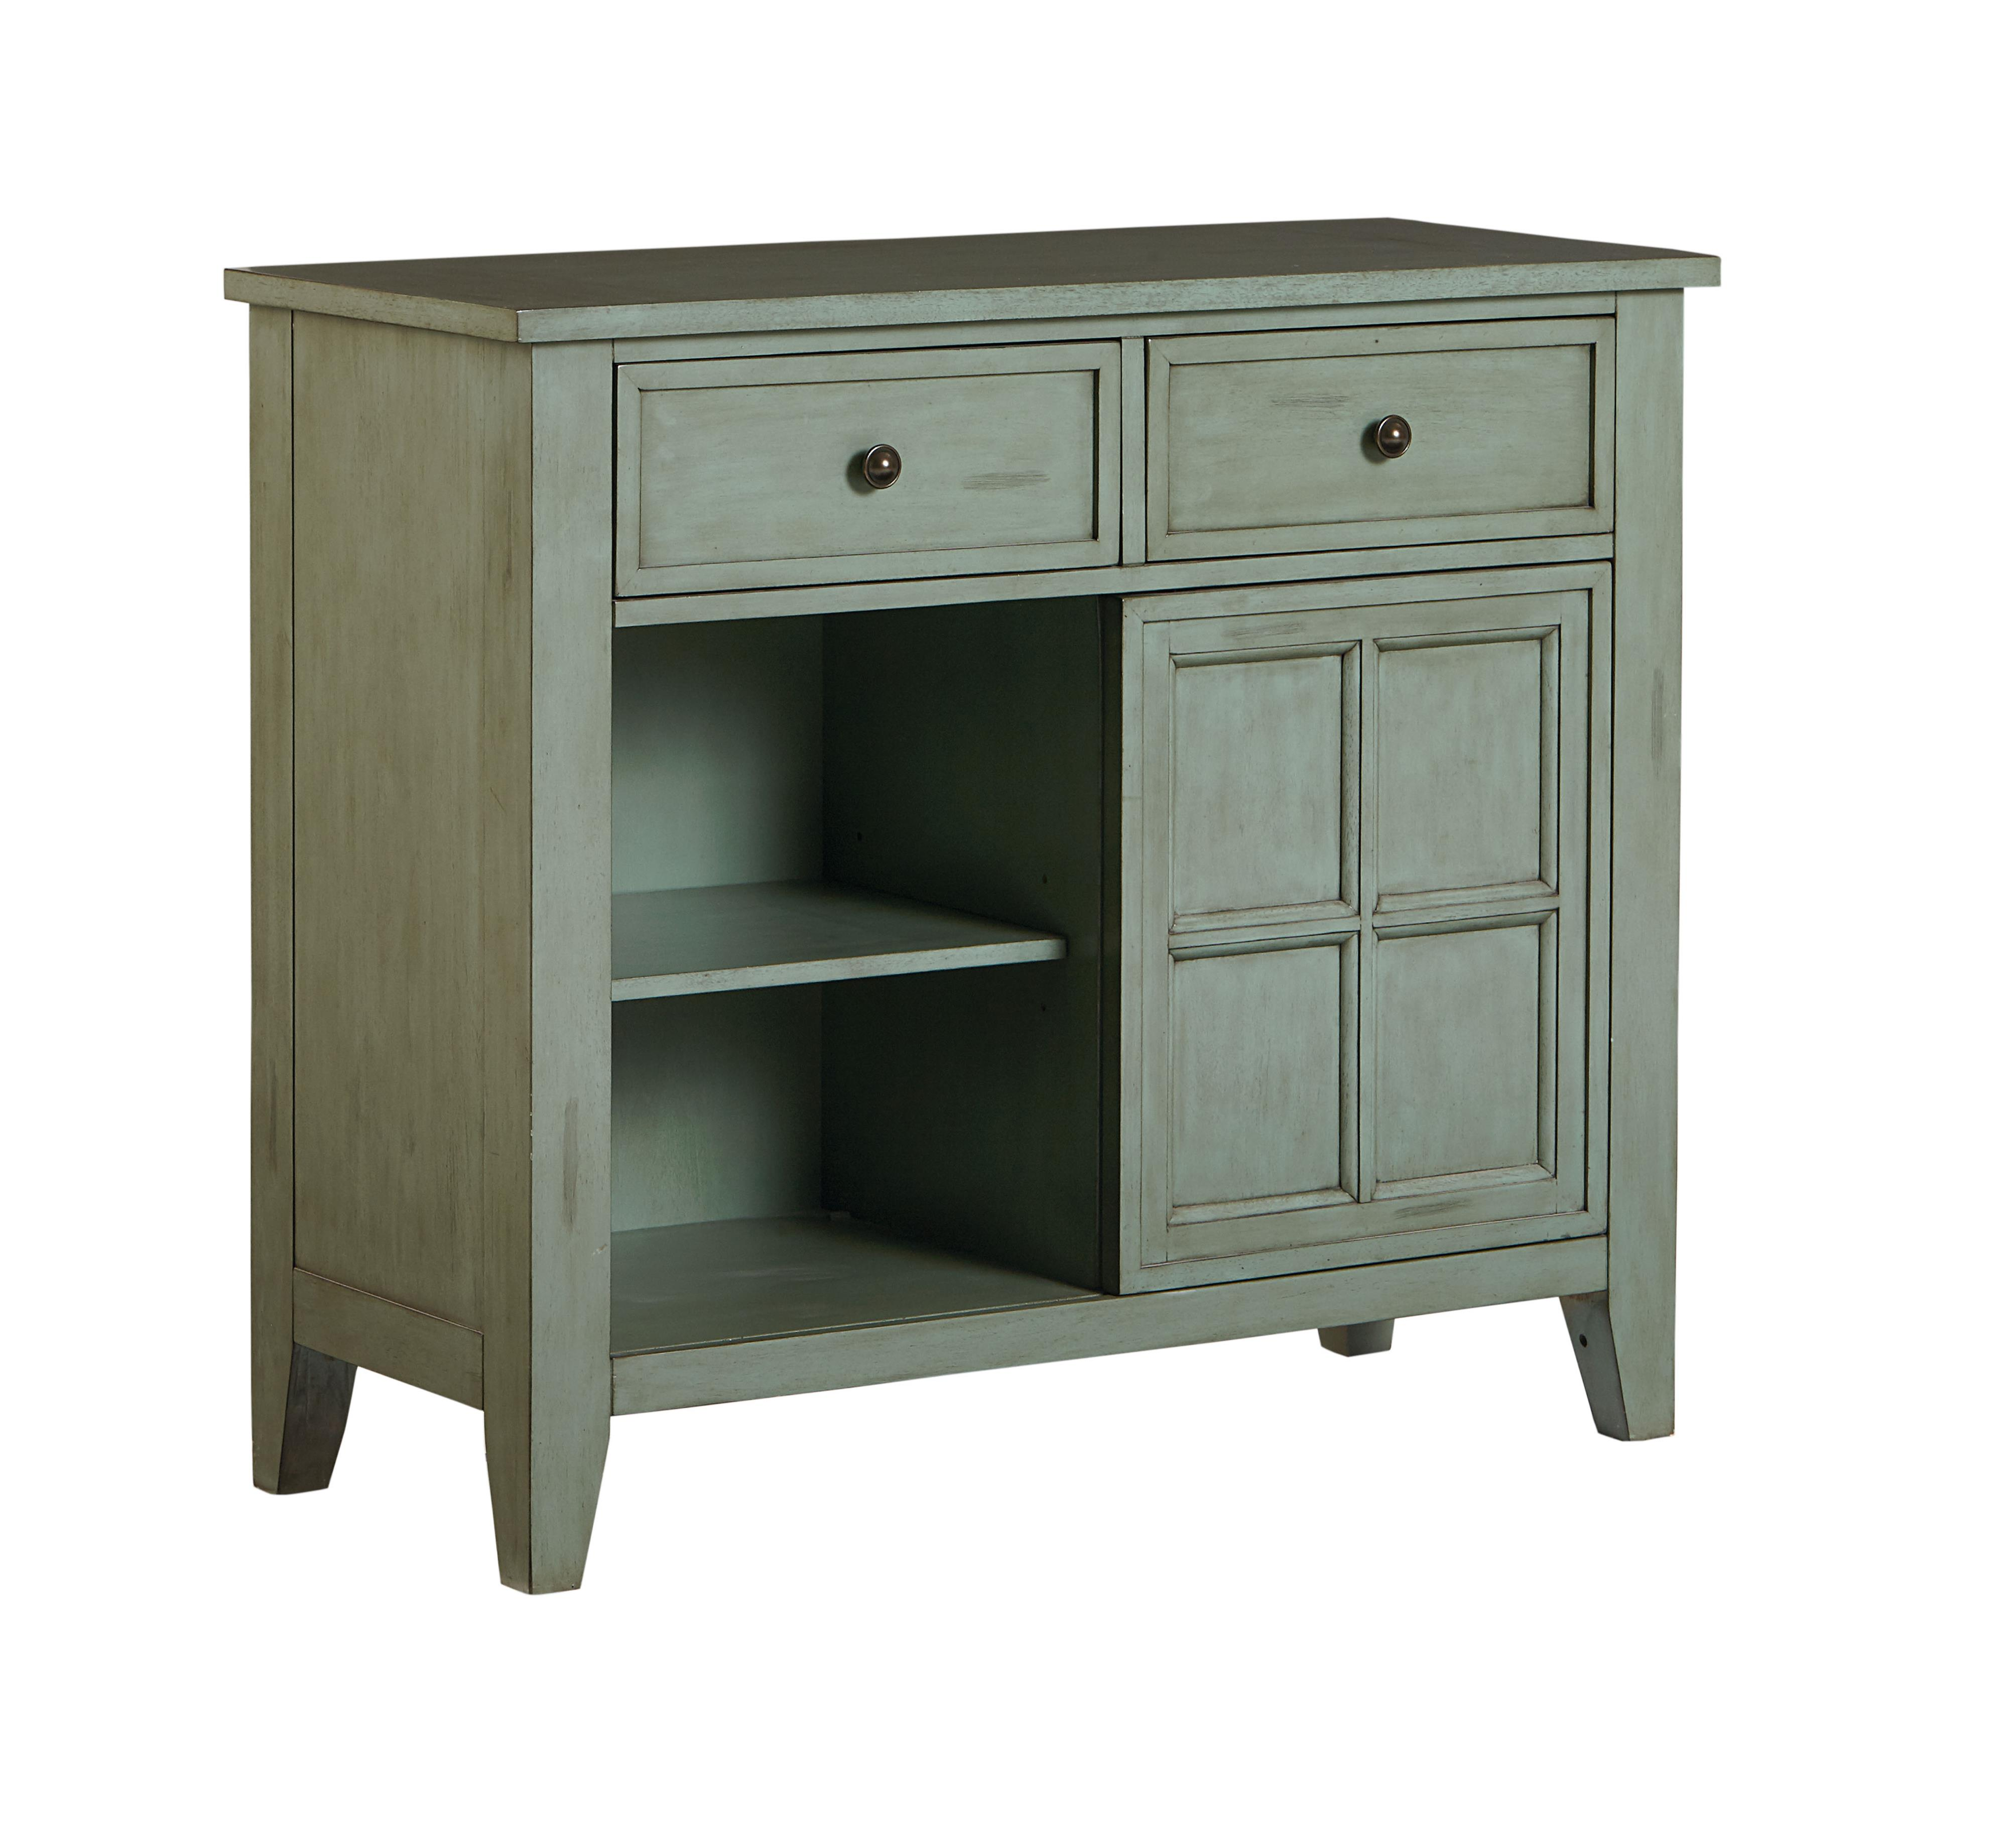 Standard Furniture Vintage Sideboard - Item Number: 11322